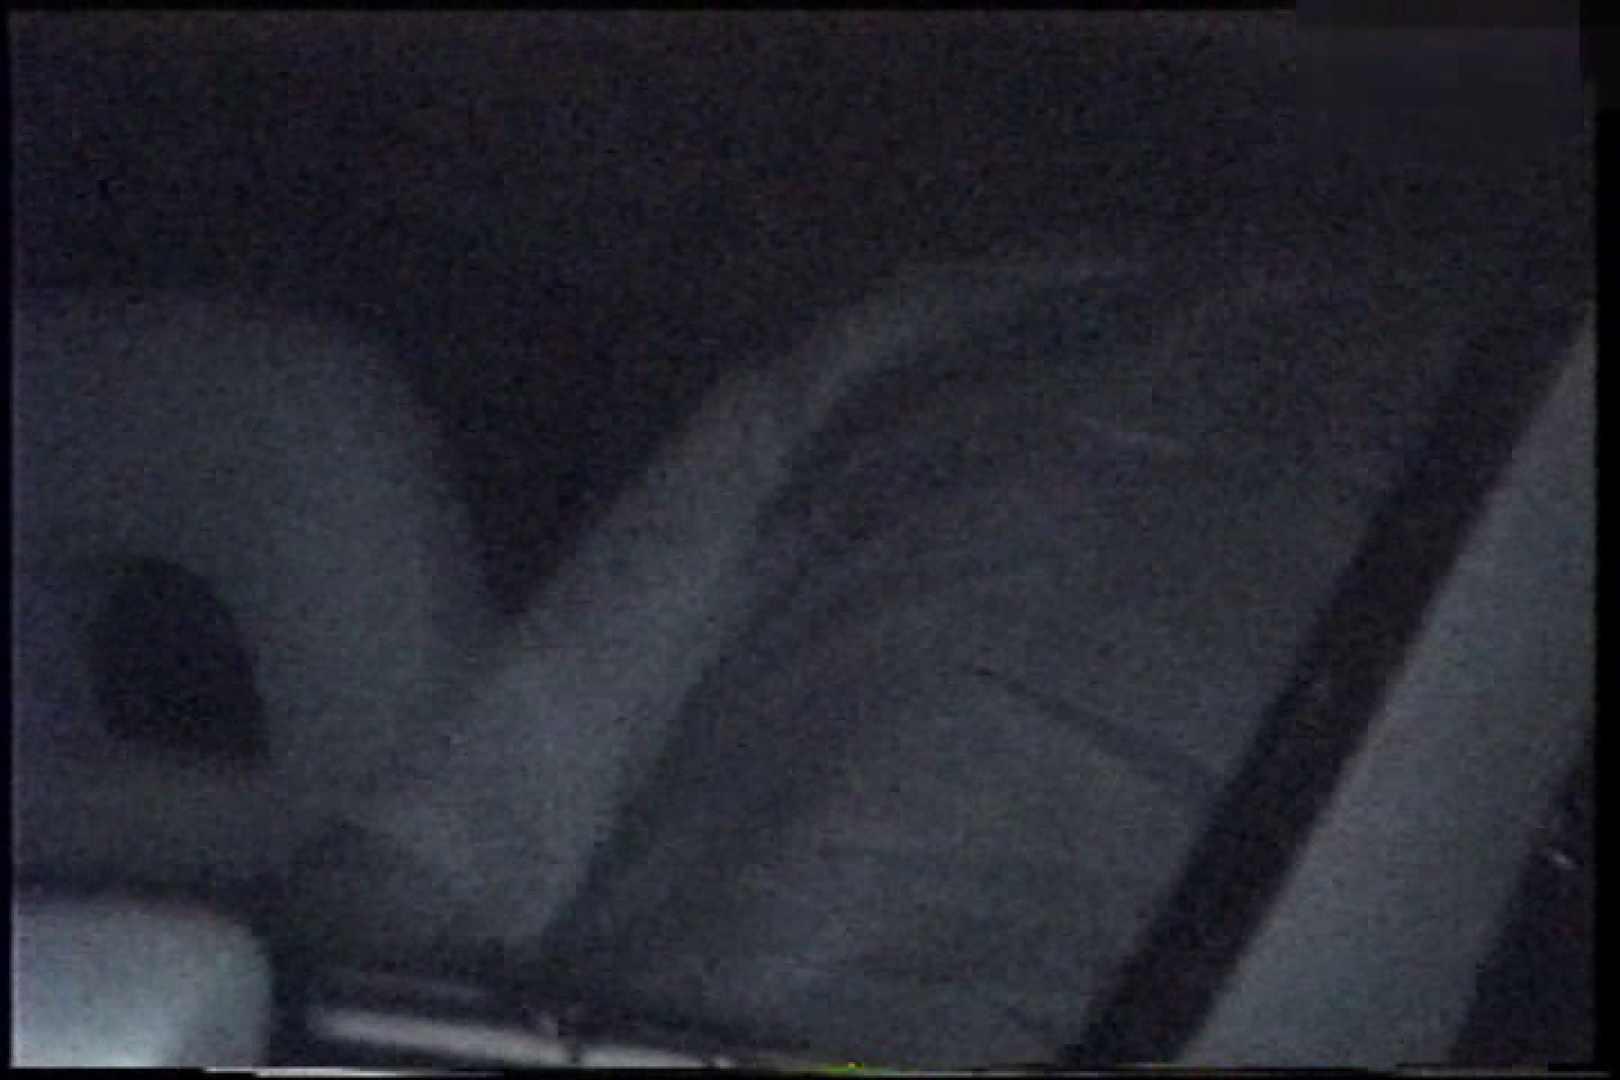 充血監督の深夜の運動会Vol.212 カップル盗撮 盗撮画像 60画像 10